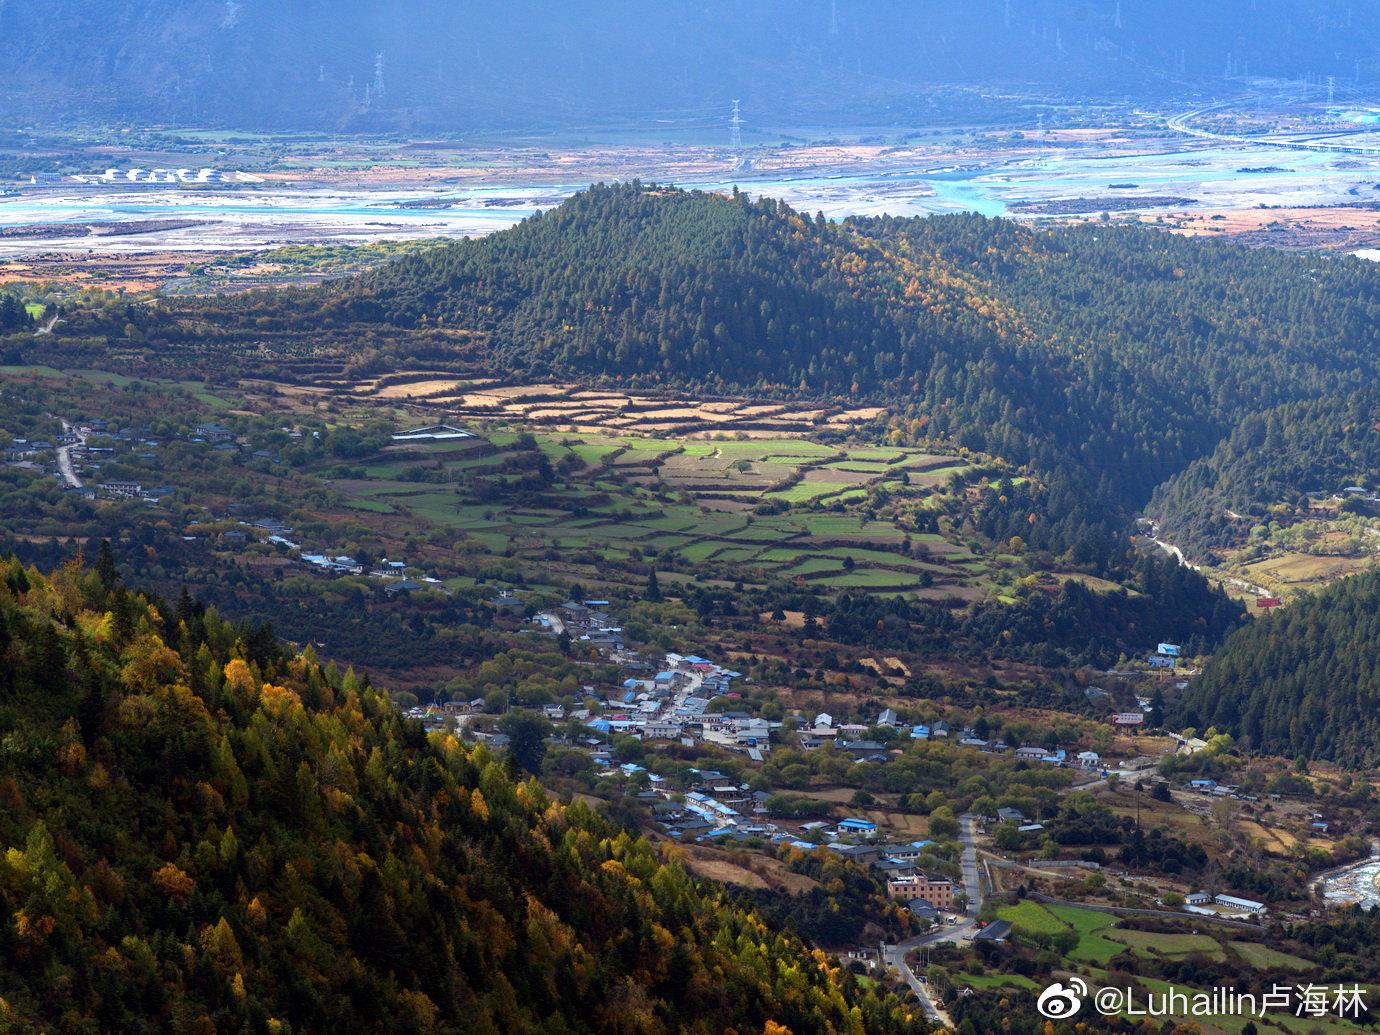 每次回到西藏,都会有一种莫名的感动,应为雪山在这里